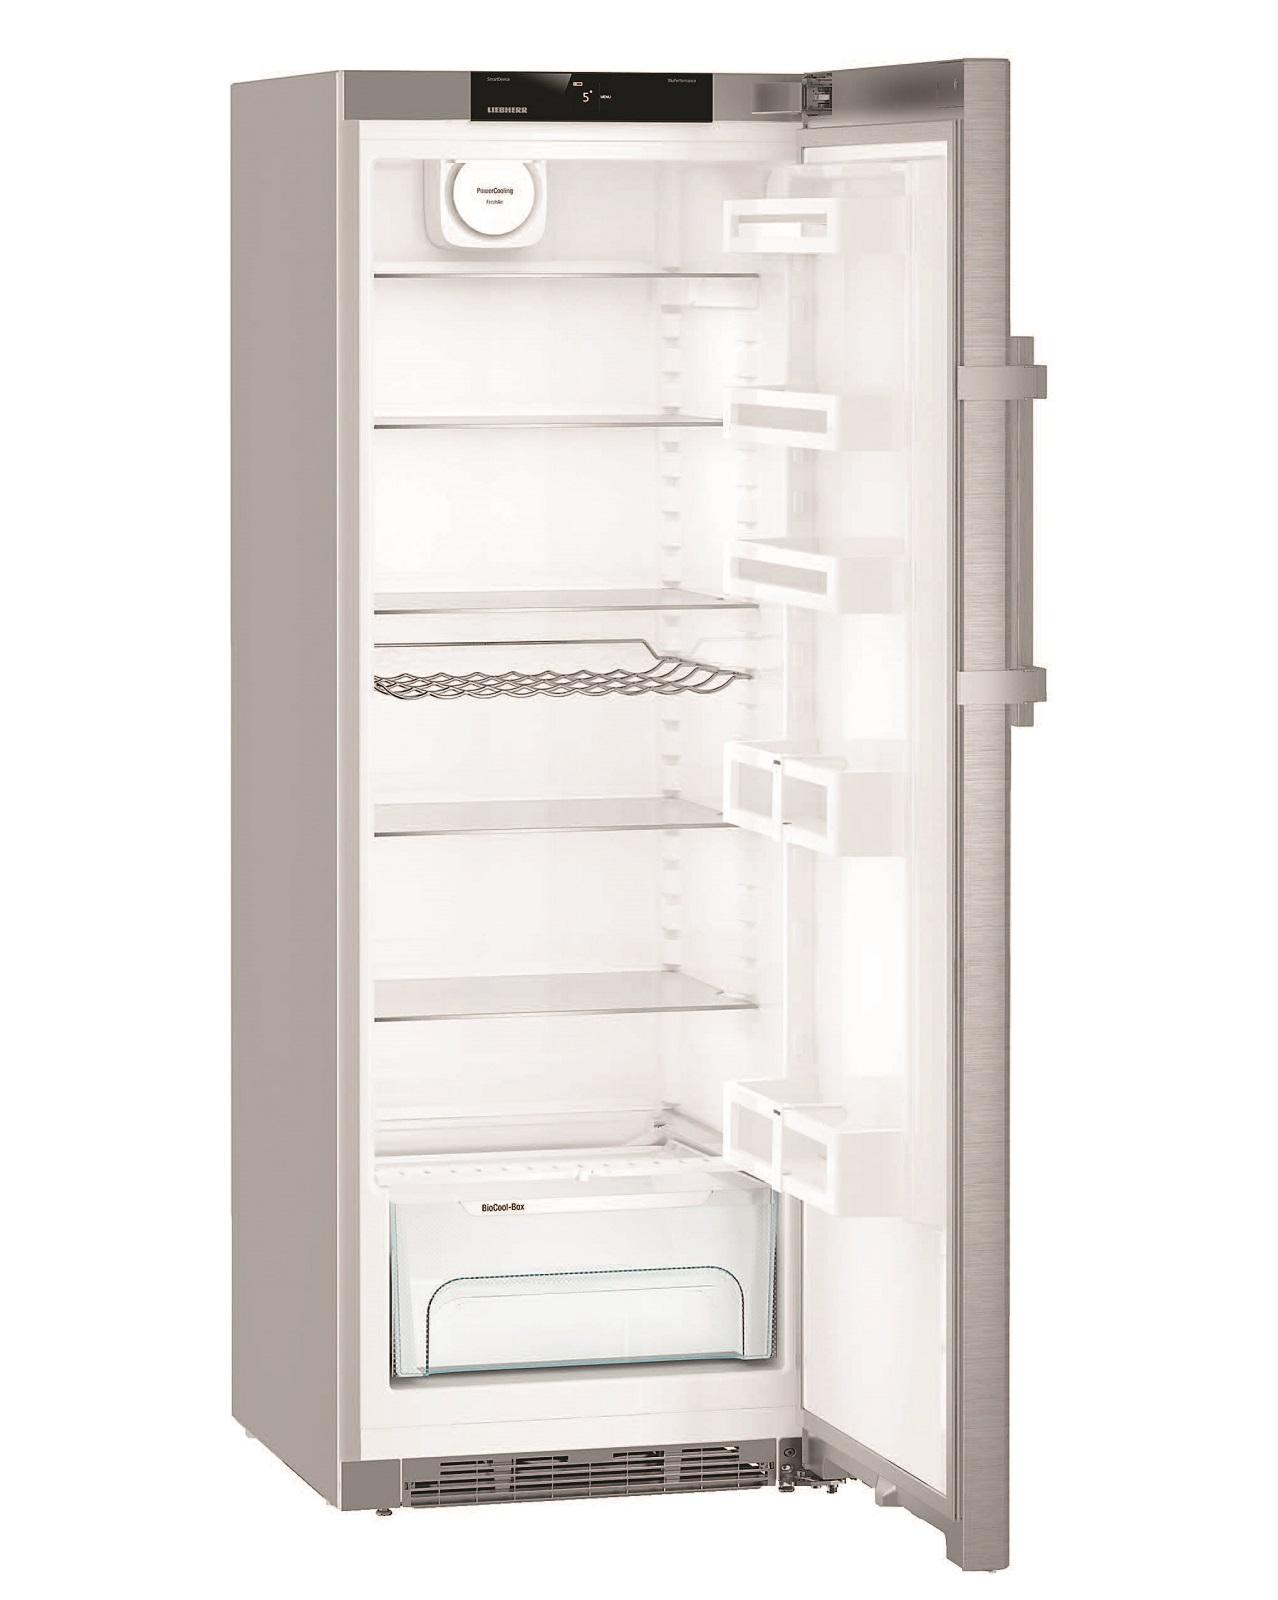 купить Однокамерный холодильник Liebherr Kef 3710 Украина фото 1